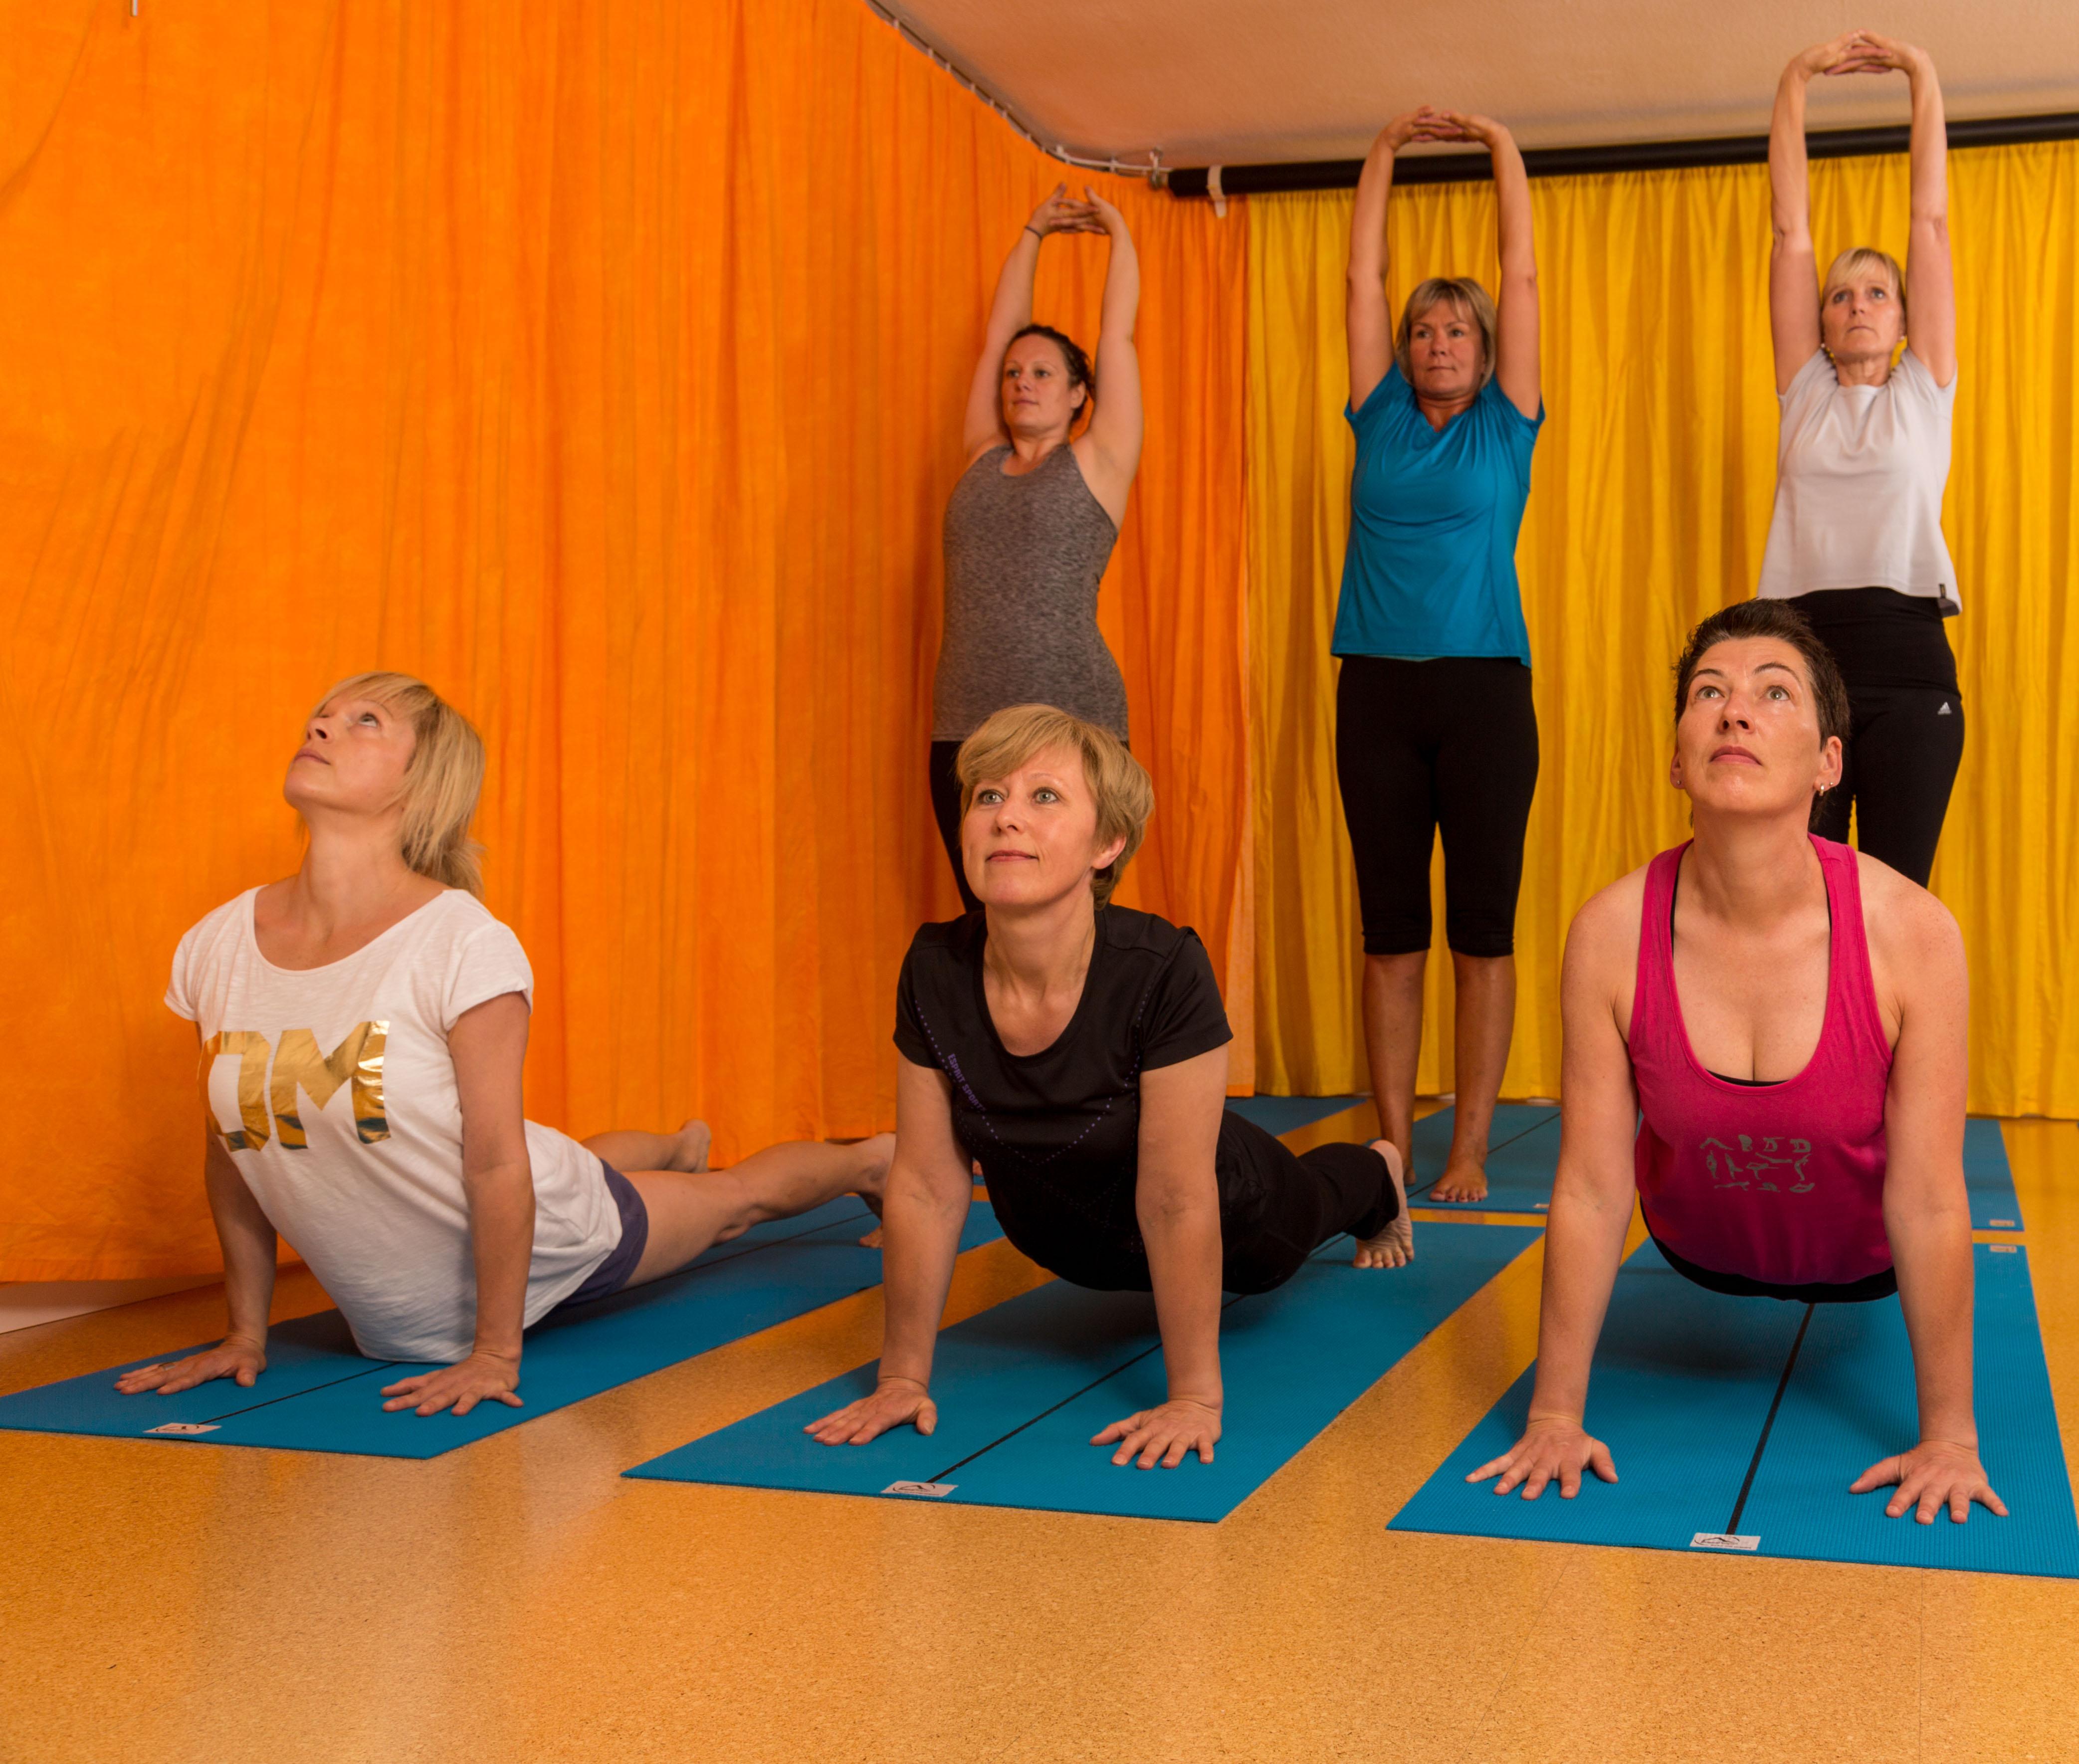 2016 09 17 _571C1864 Yoga